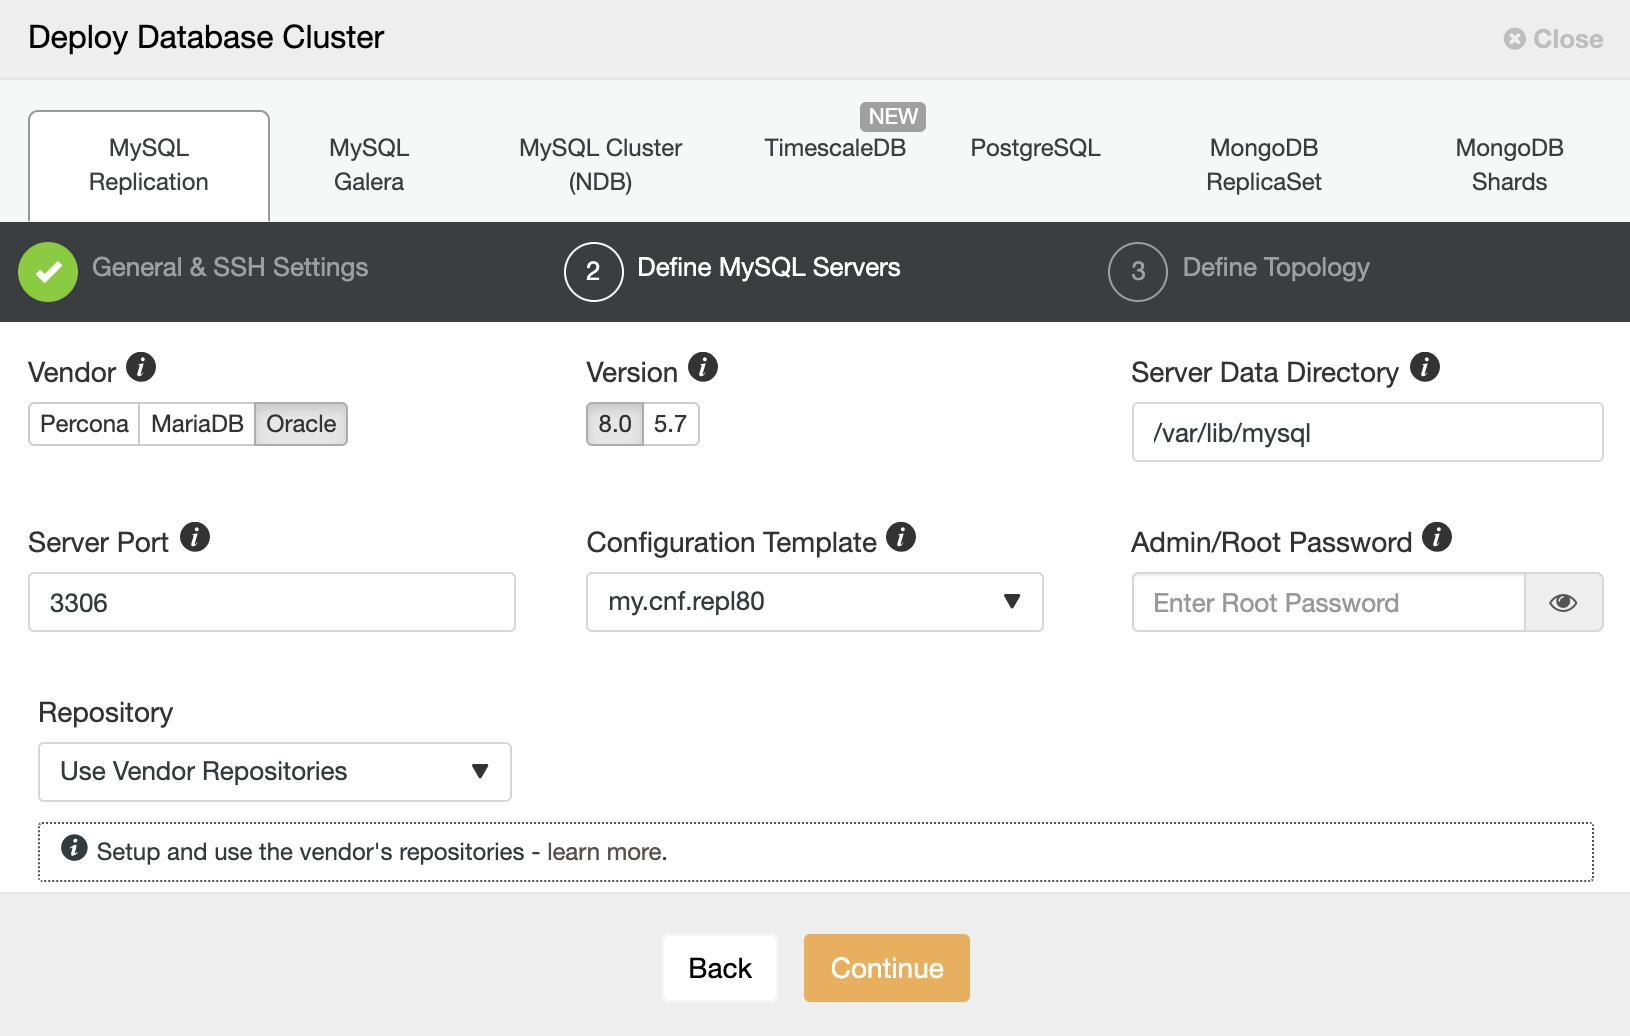 ClusterControl: Deploy Database Cluster